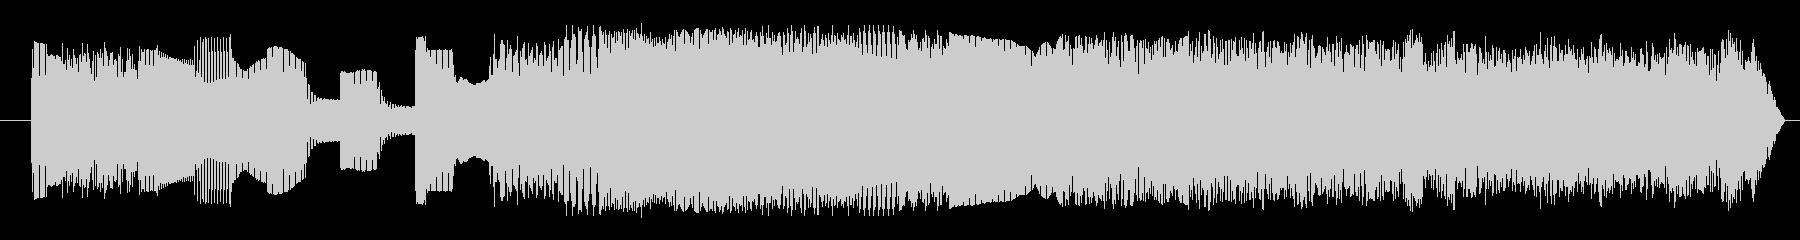 FX クレイジーサイエンティスト03の未再生の波形